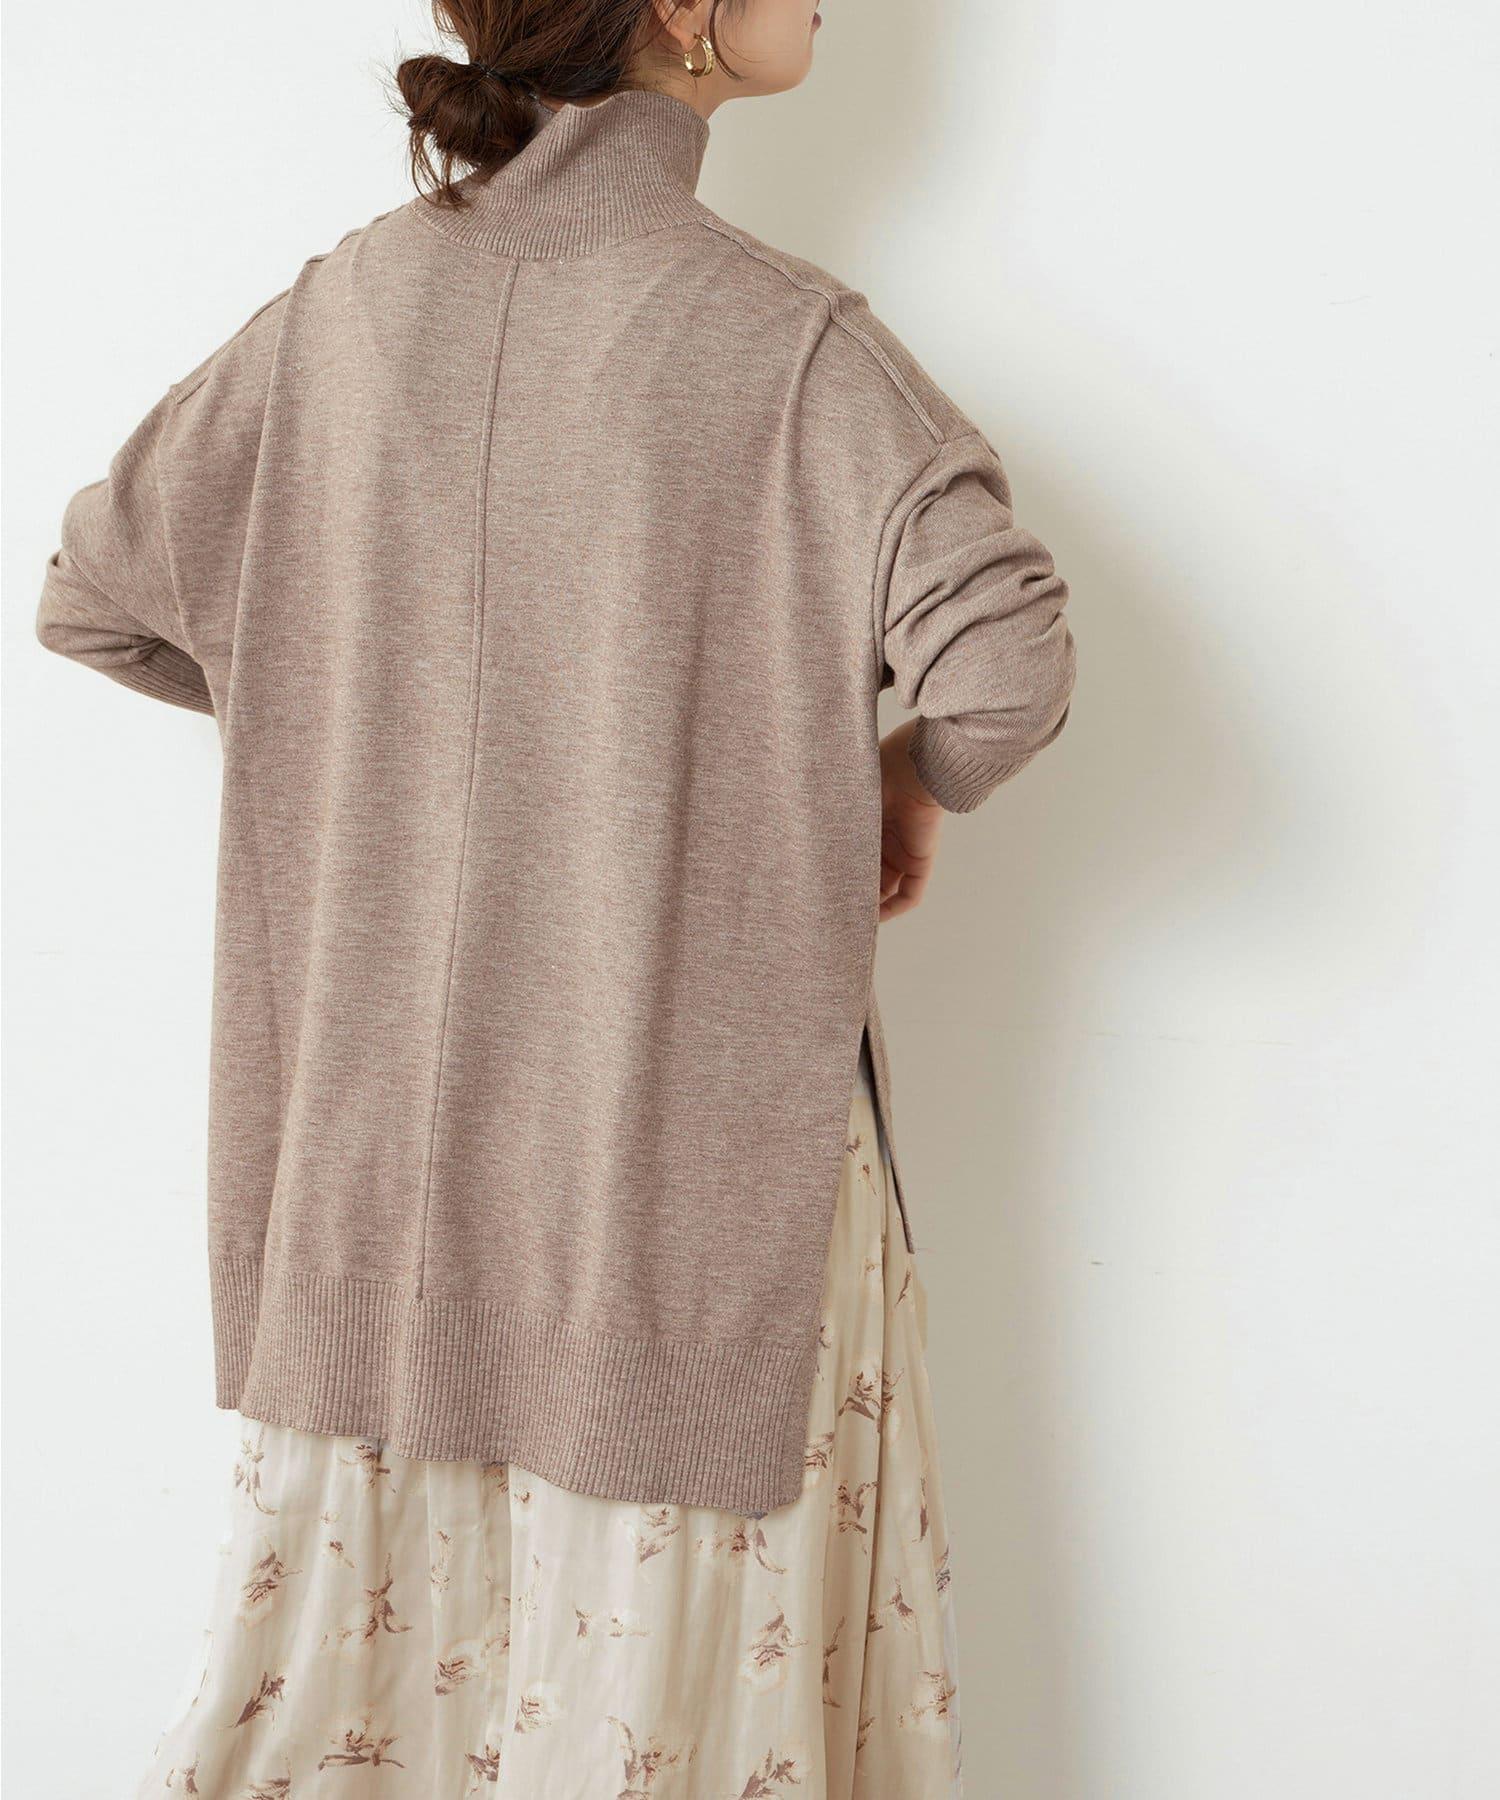 natural couture(ナチュラルクチュール) レディース 【大好評リバイバルアイテム】もちもちゆるっとハイネックニット モカ